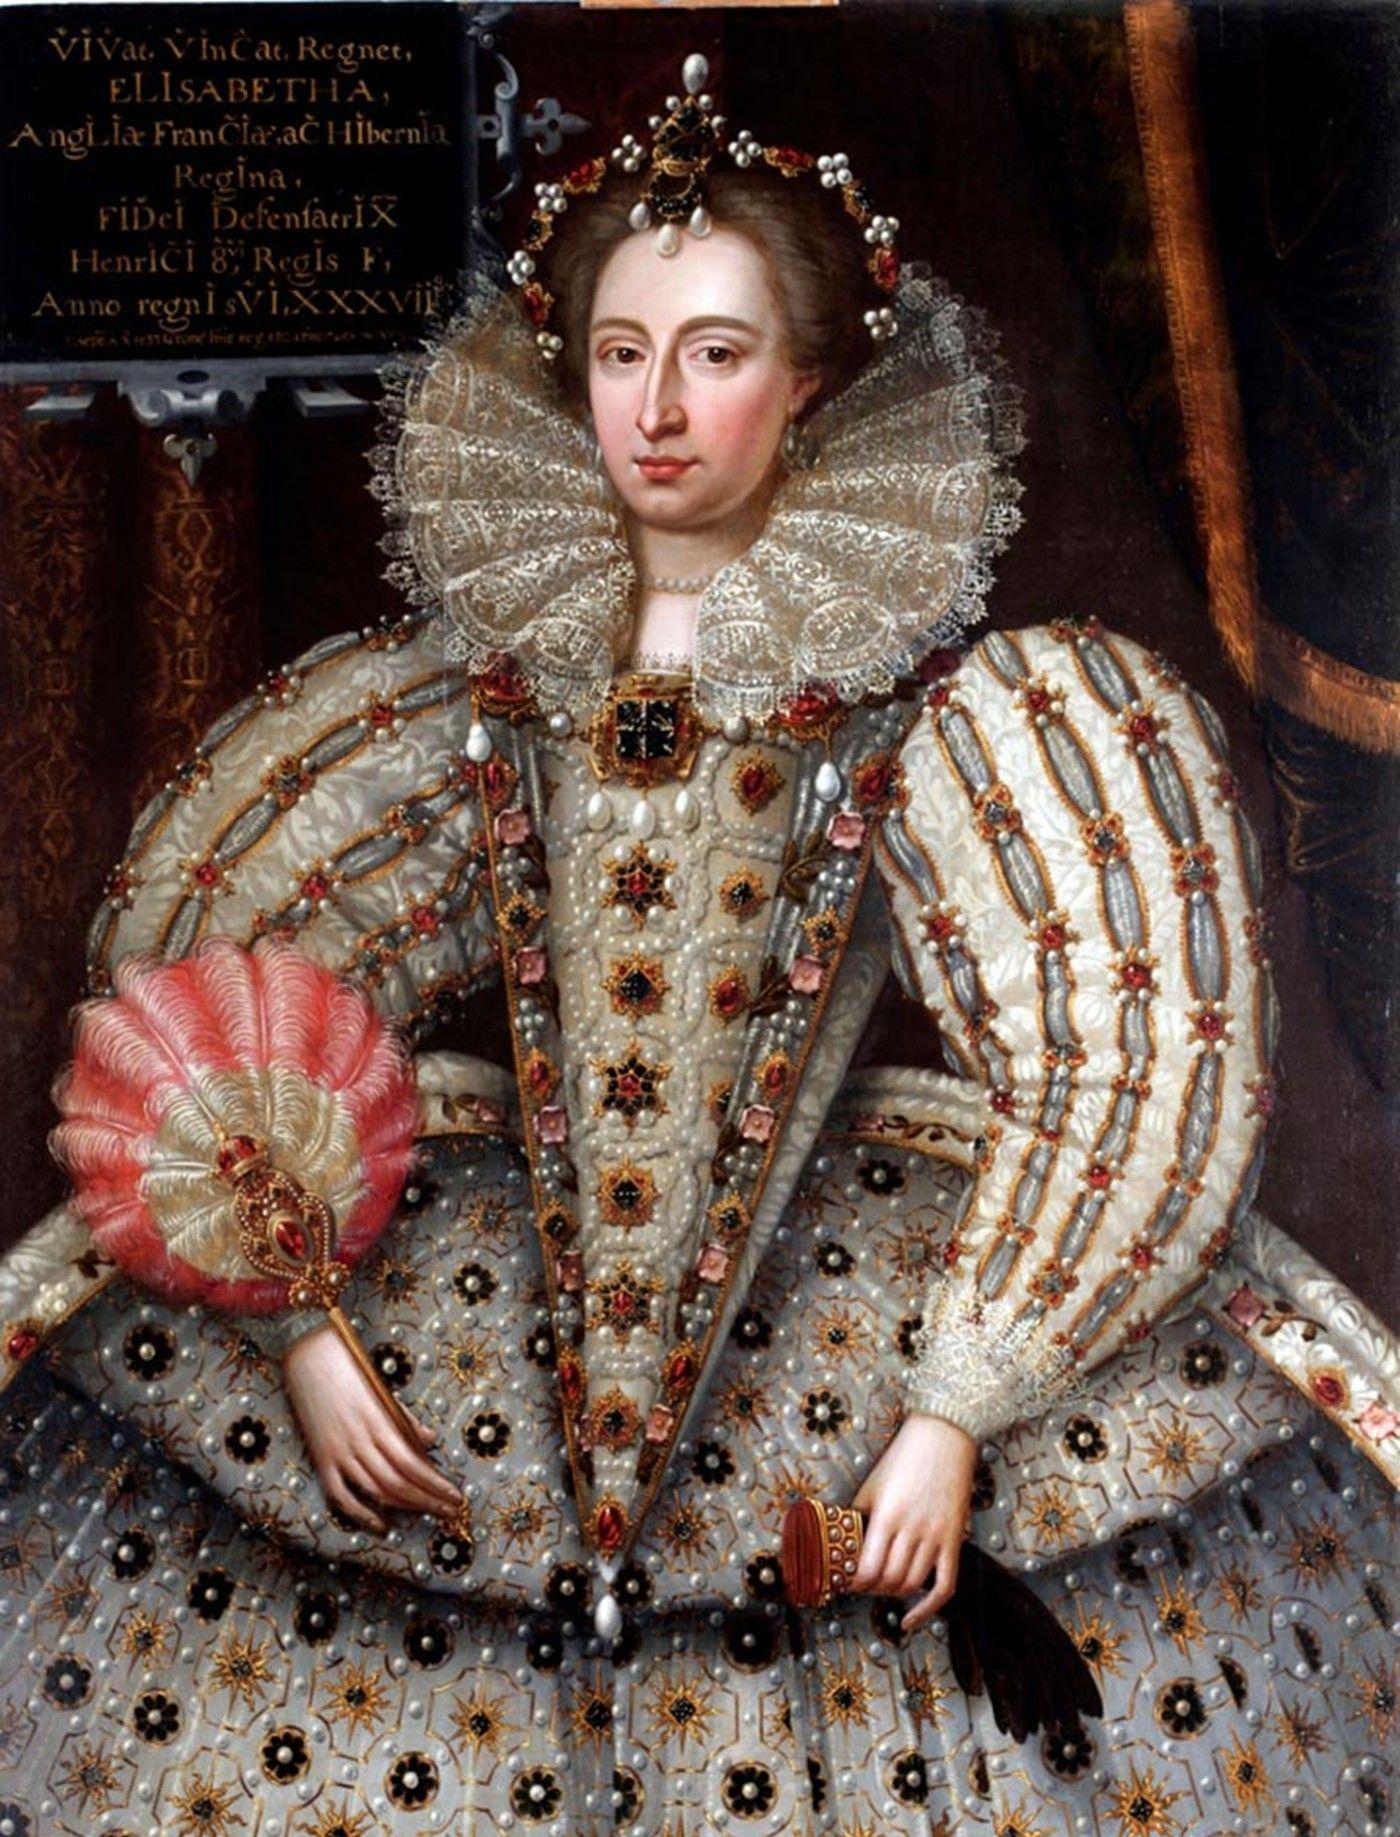 Elizabeth I Elizabeth i, Tudor history, Elizabethan era